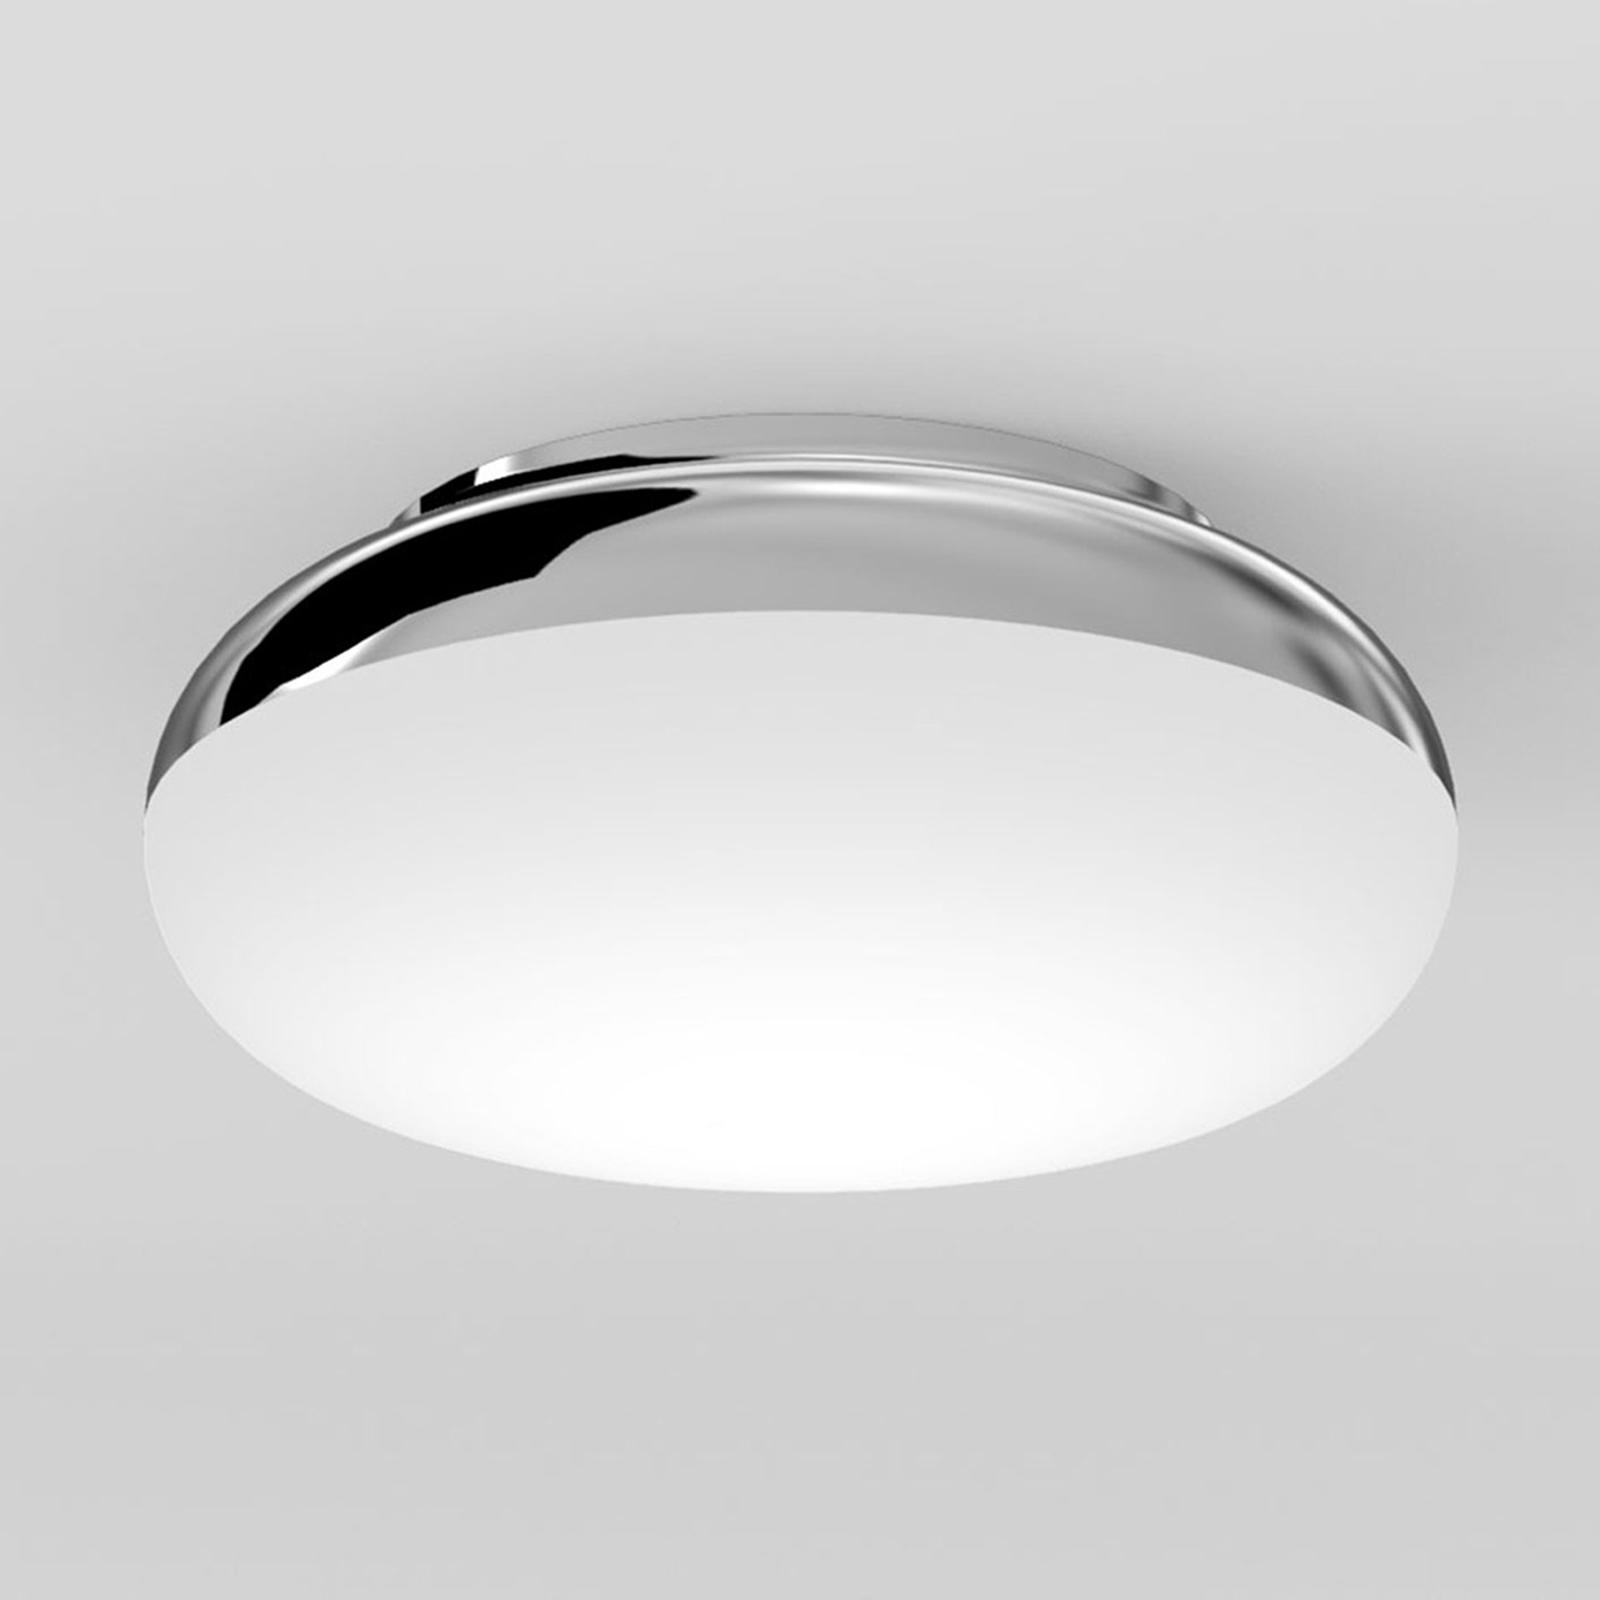 Astro Altea 150 - LED-Deckenleuchte Ø 15 cm